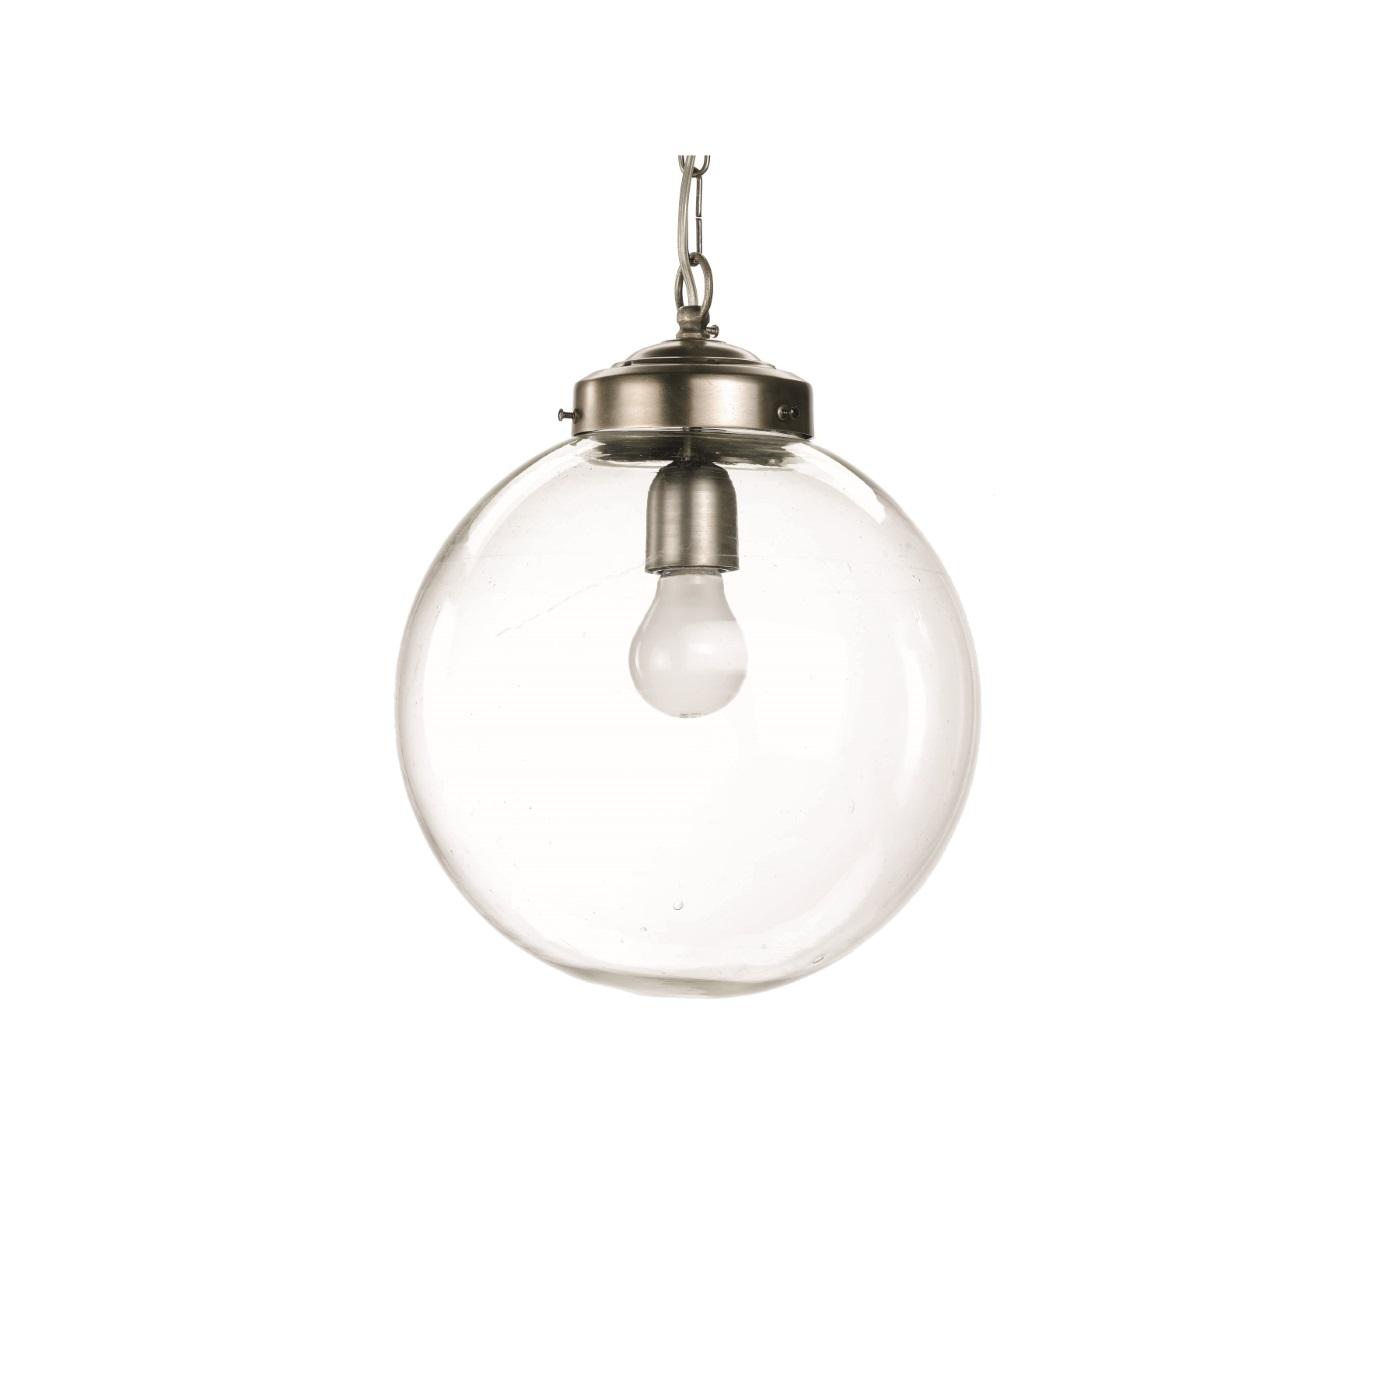 Taklampa Ball 30 cm klarglas, Nordal